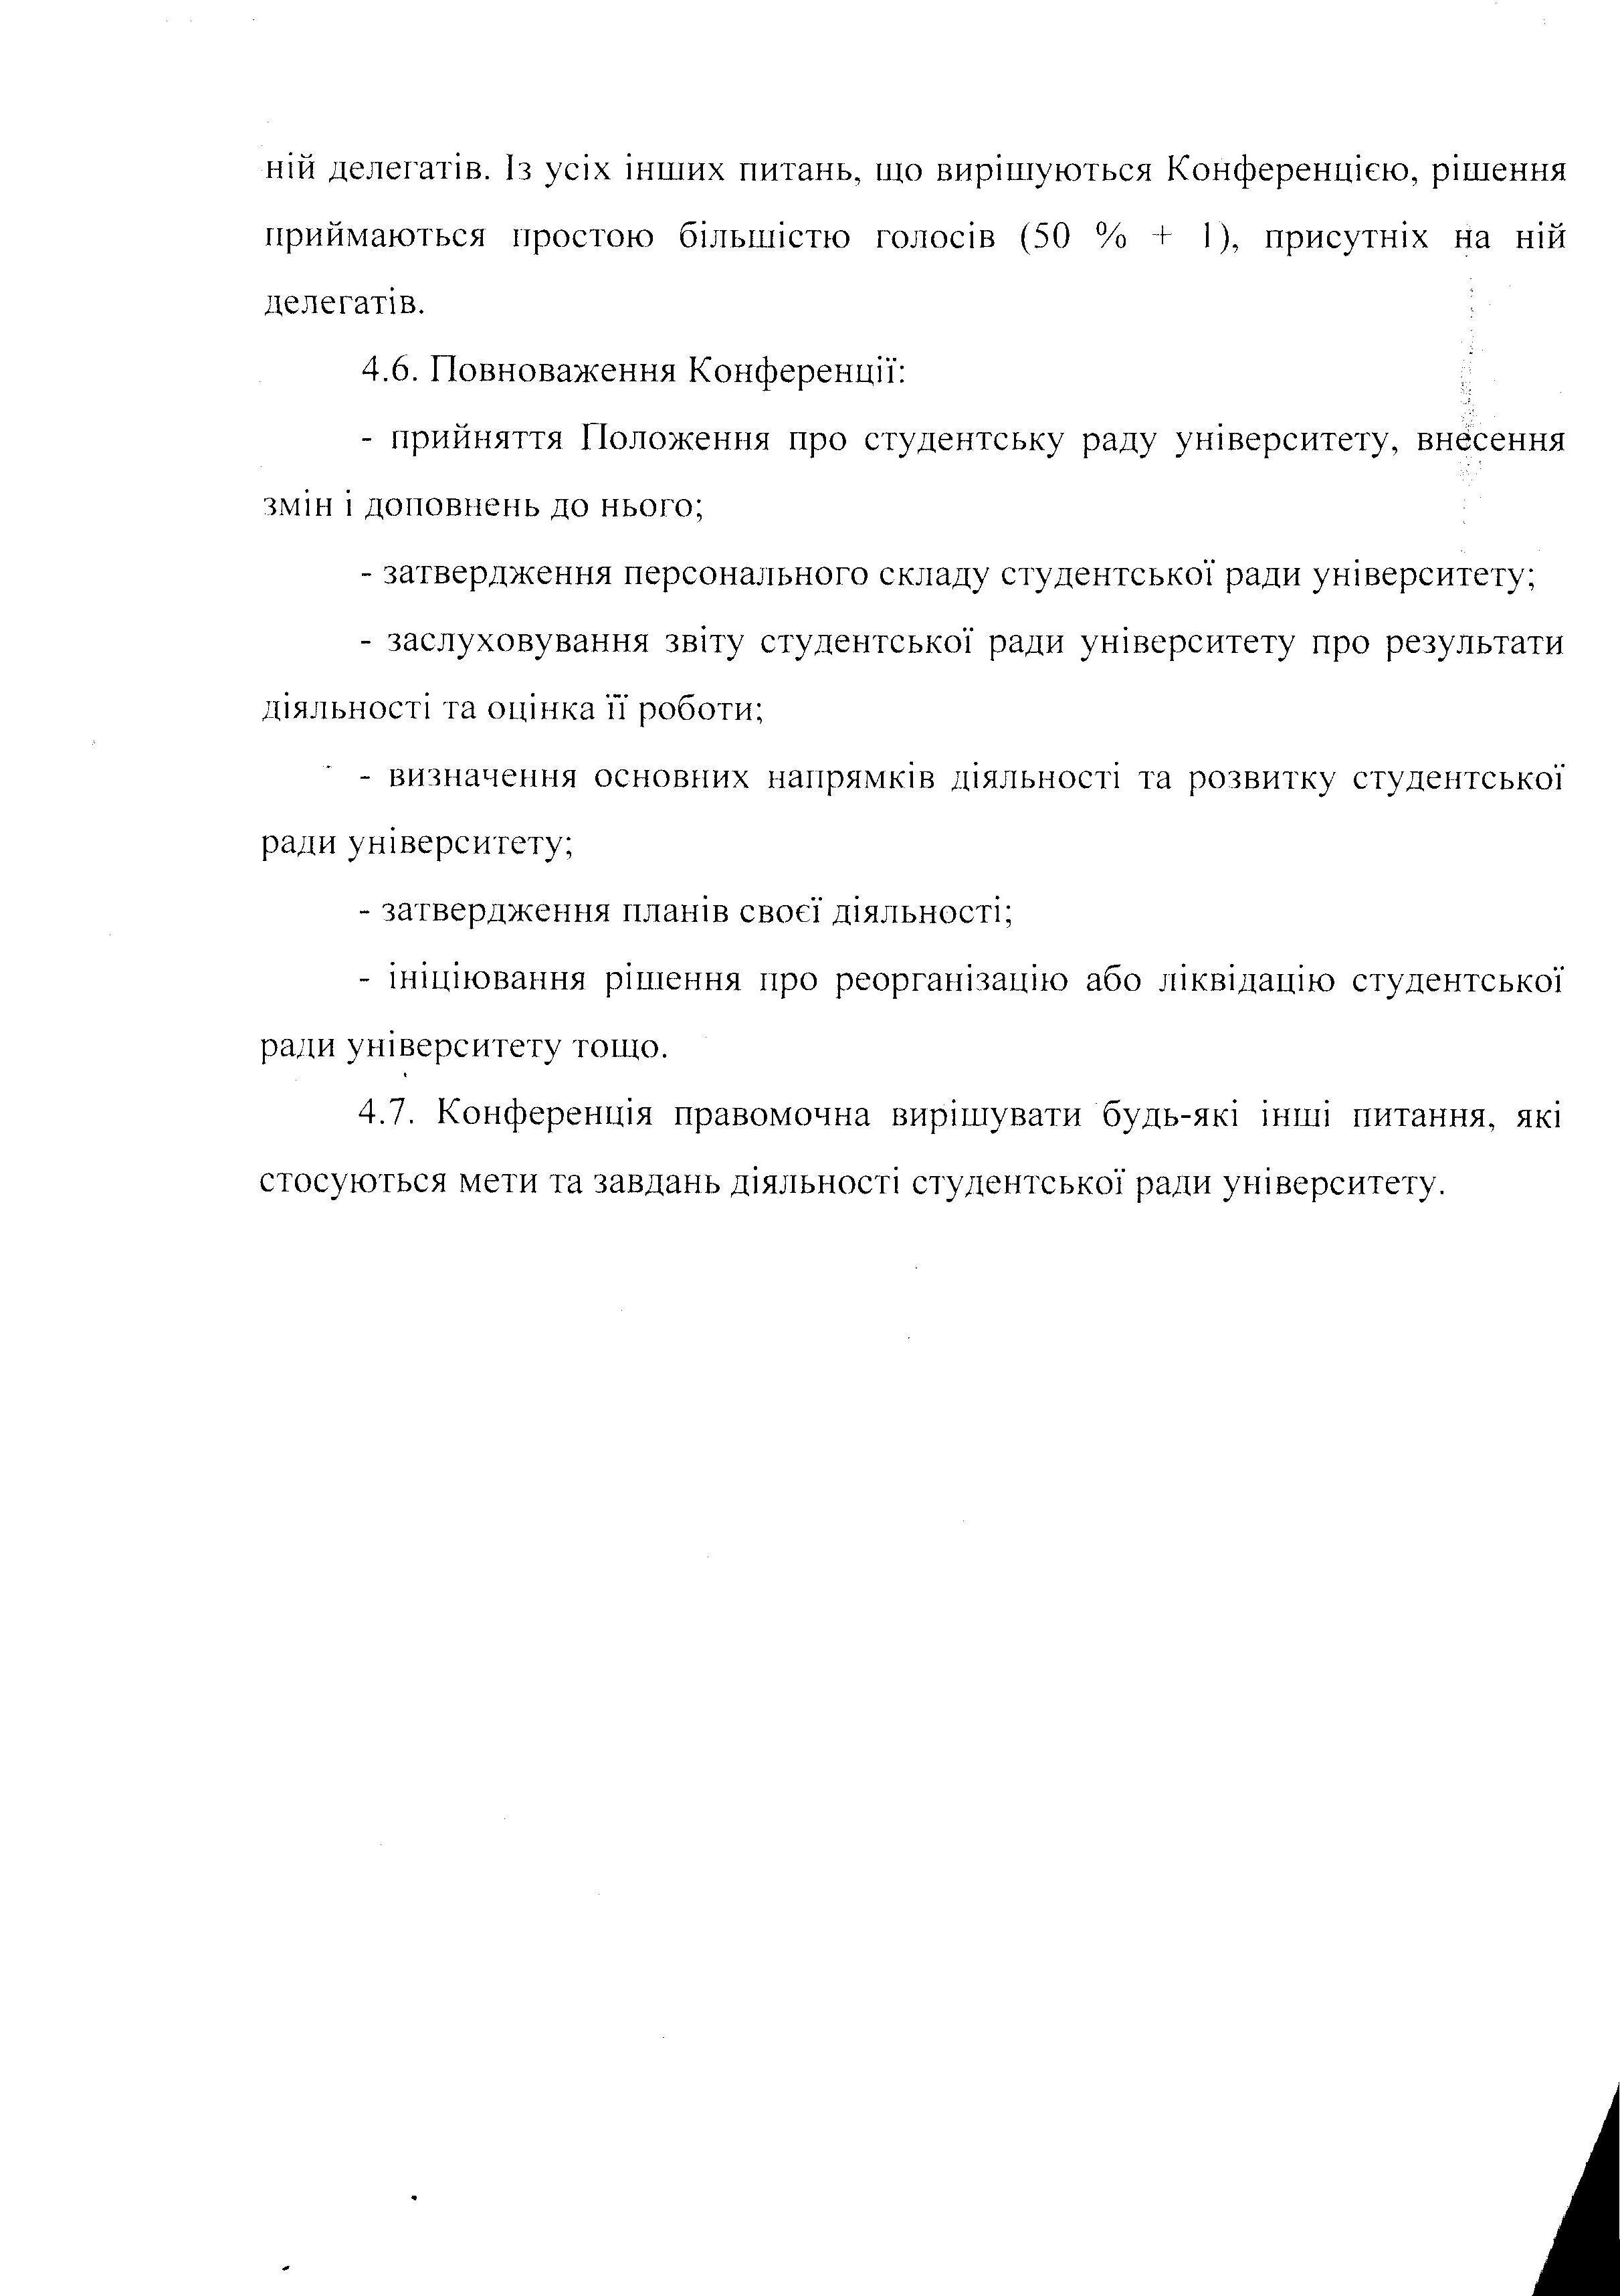 polozhennya_pro_stud_radu_-_0005.jpg (422.67 Kb)